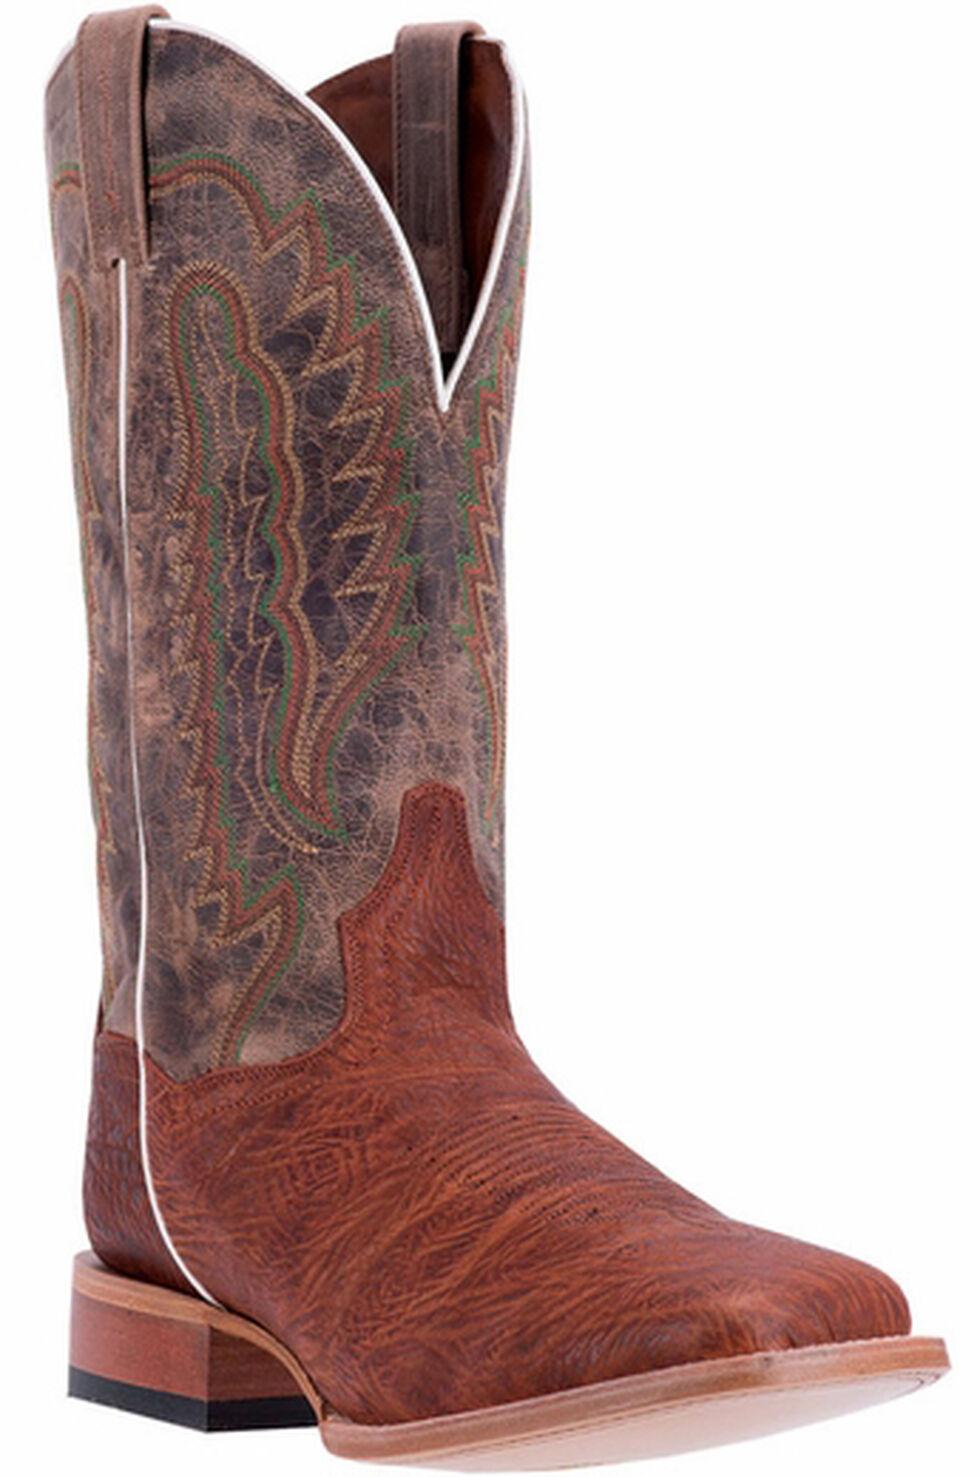 Dan Post Men's Cognac Bradey Cowboy Boots - Broad Square Toe, Cognac, hi-res